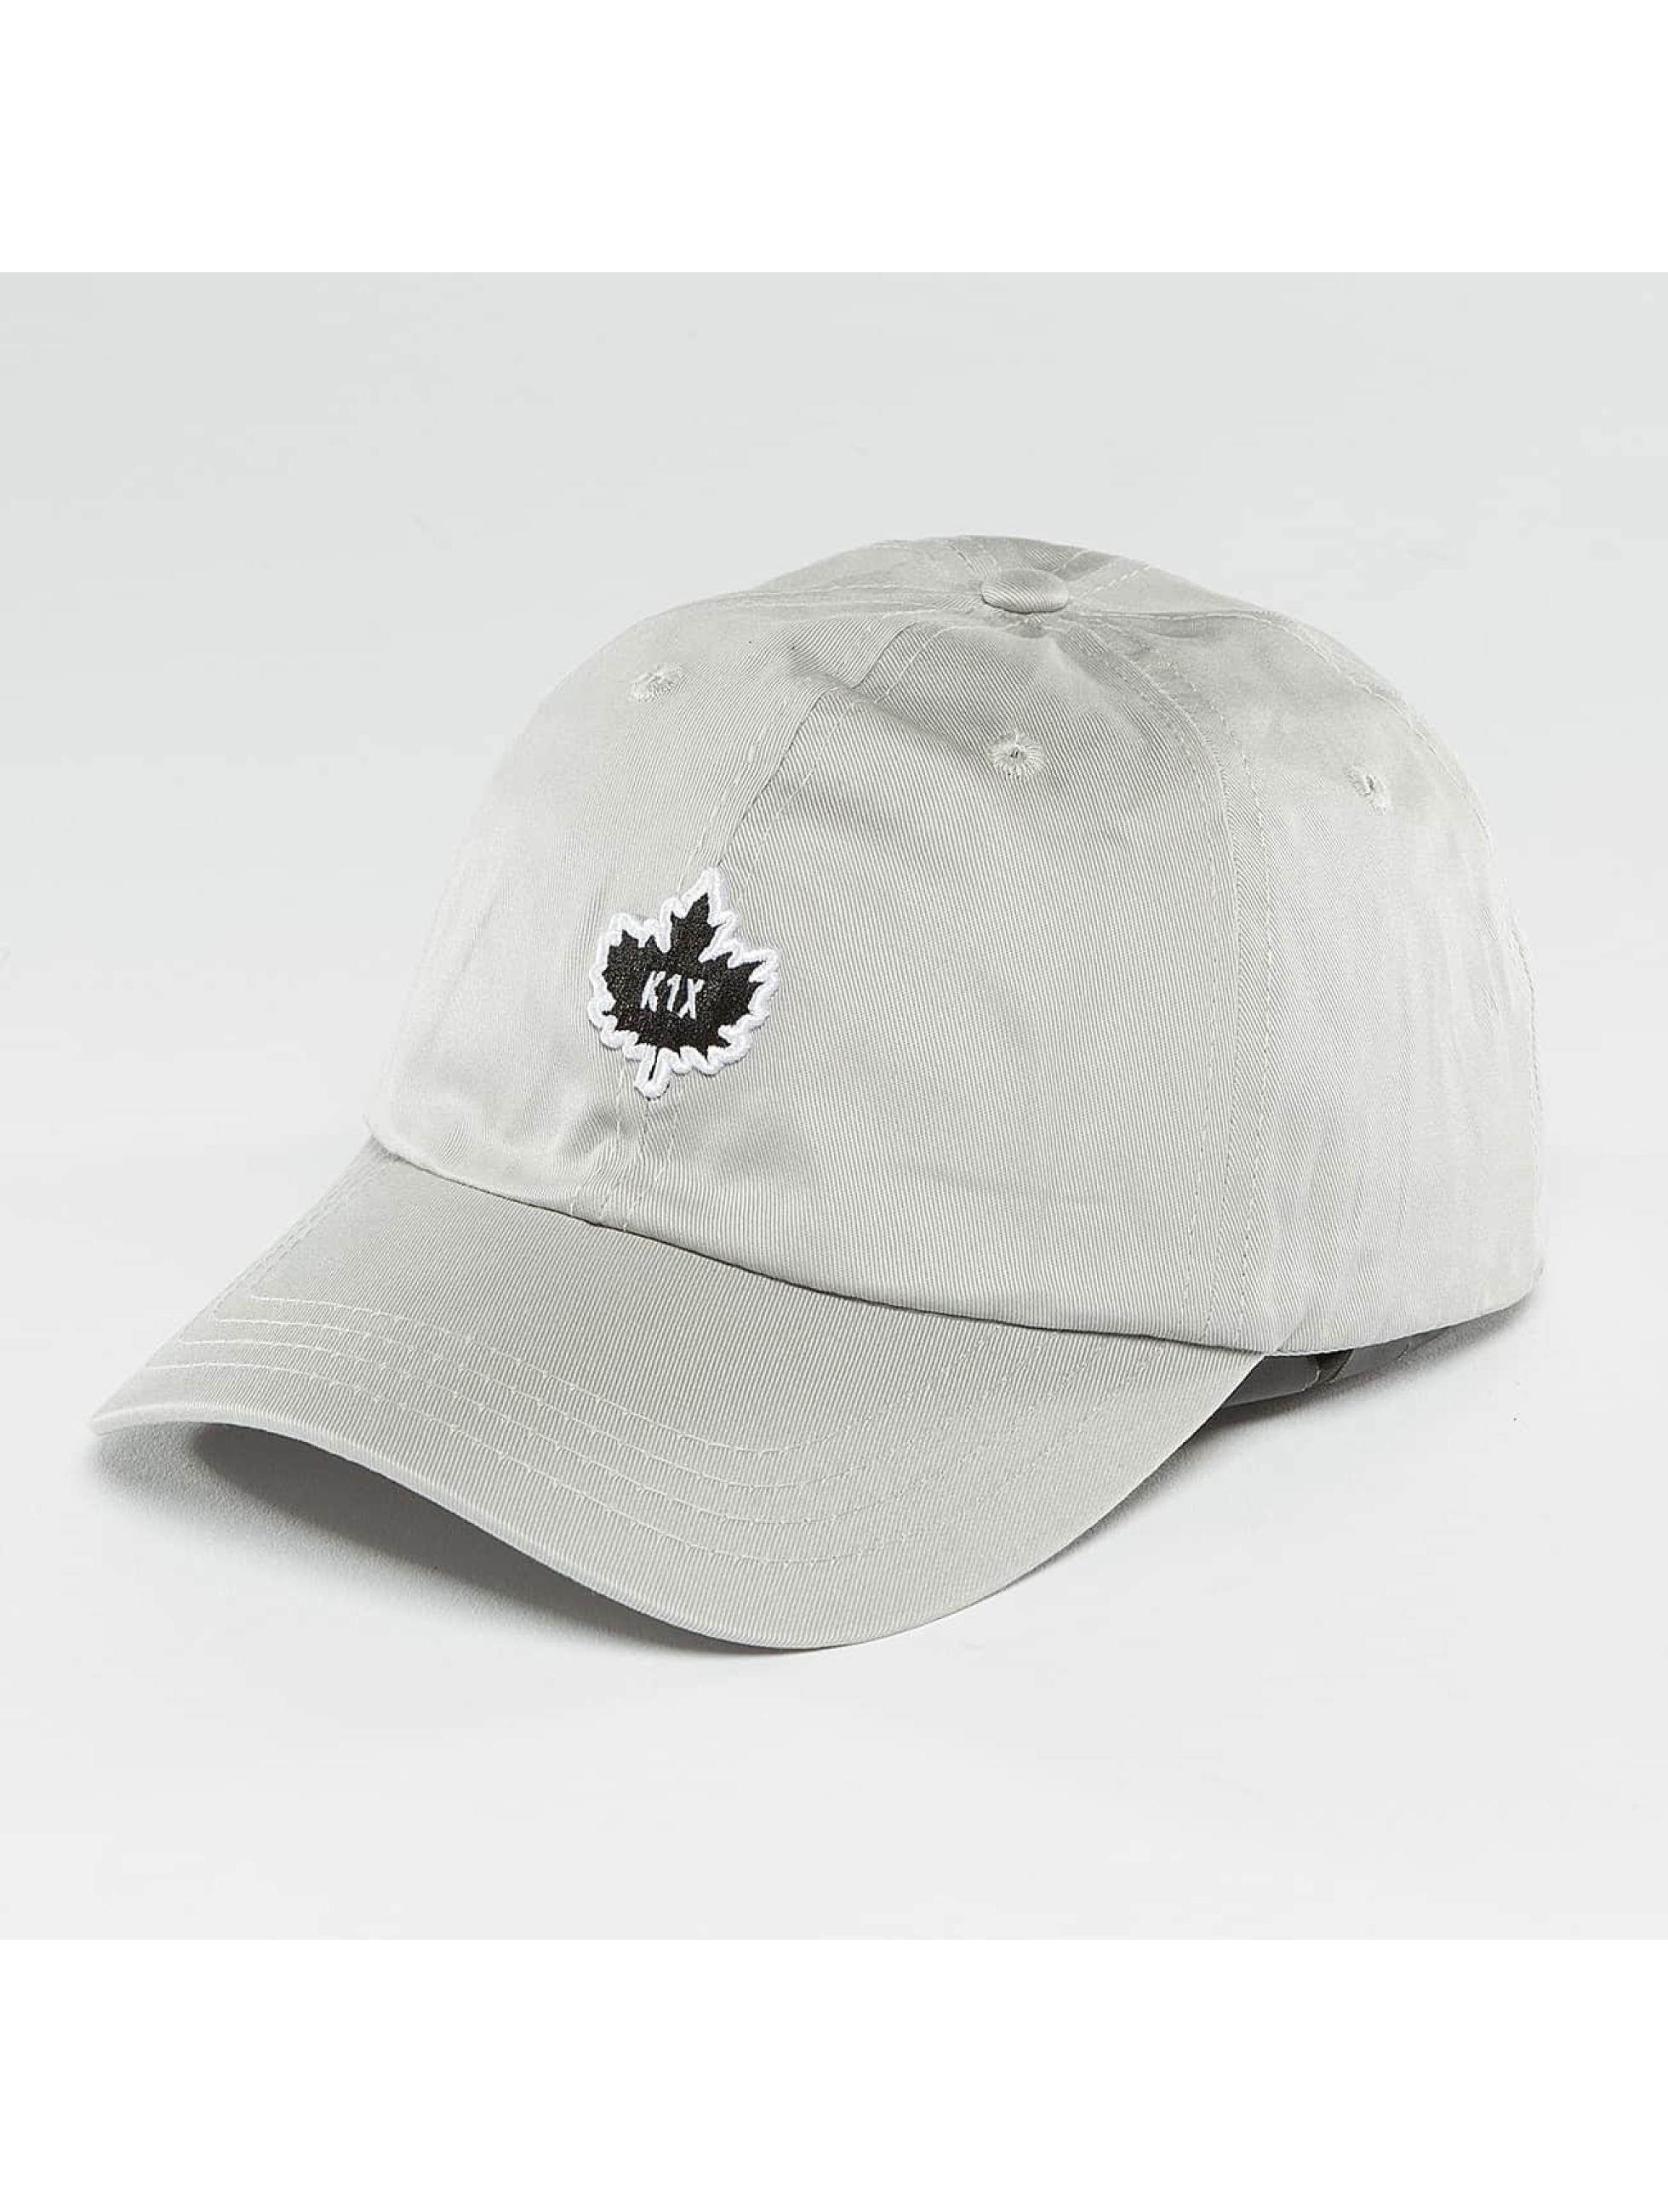 K1X snapback cap Crest Sports grijs